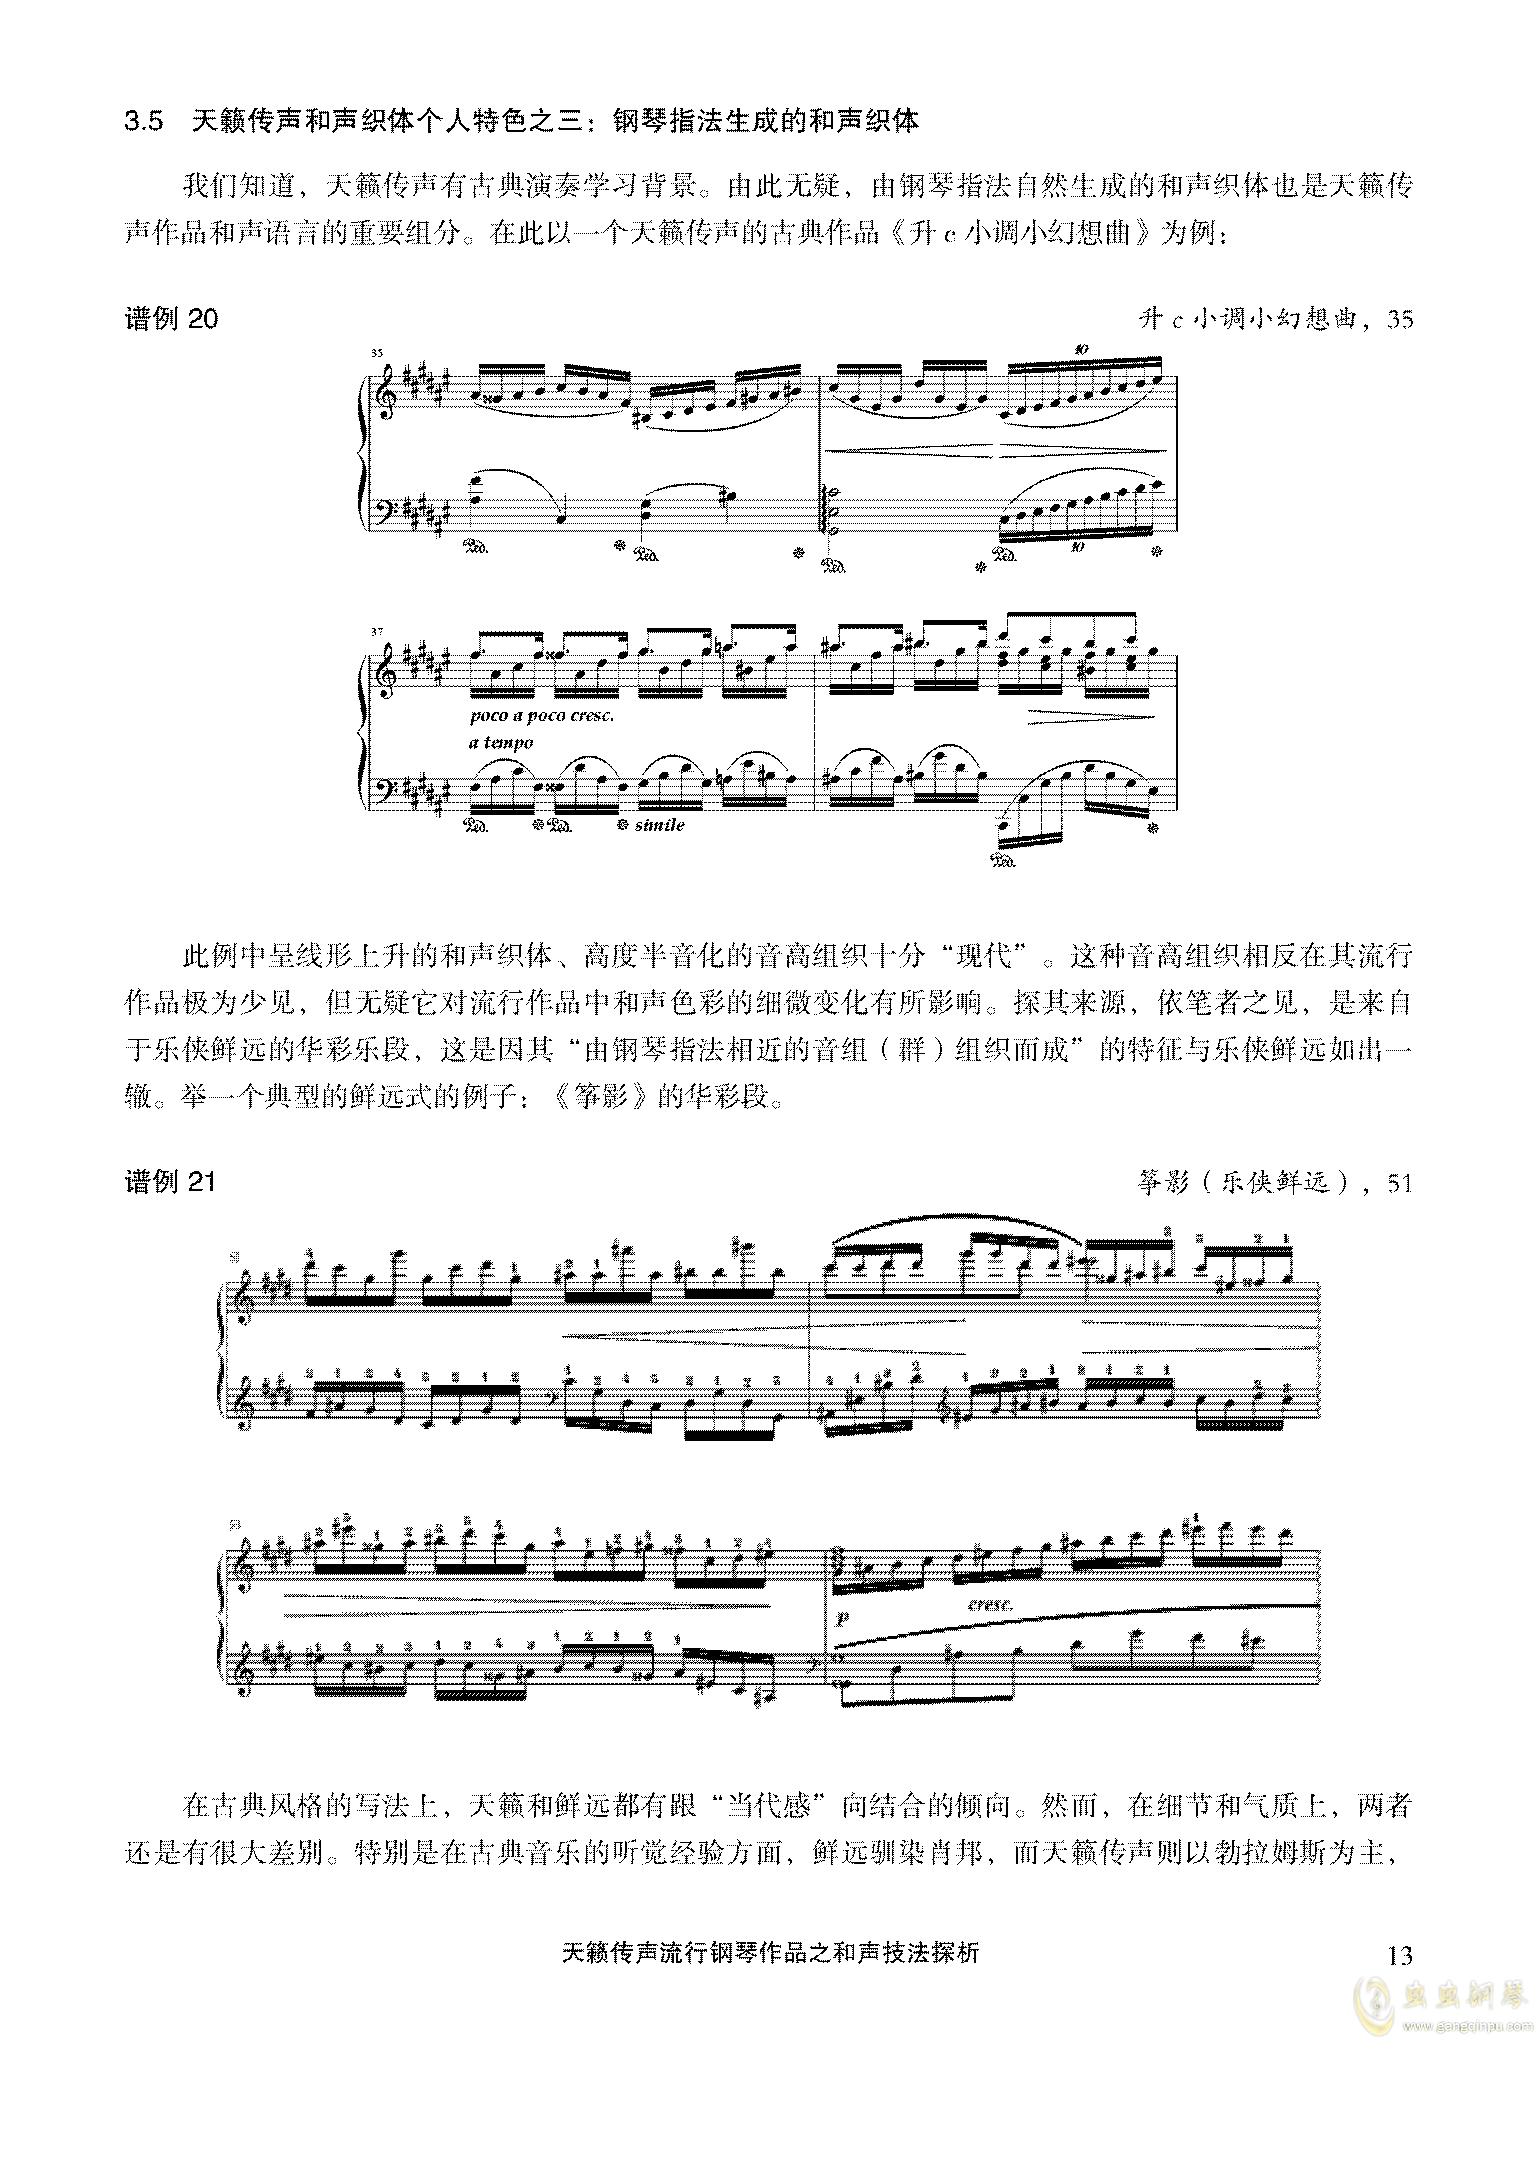 天籁传声和声技法探析澳门星际官网 第13页